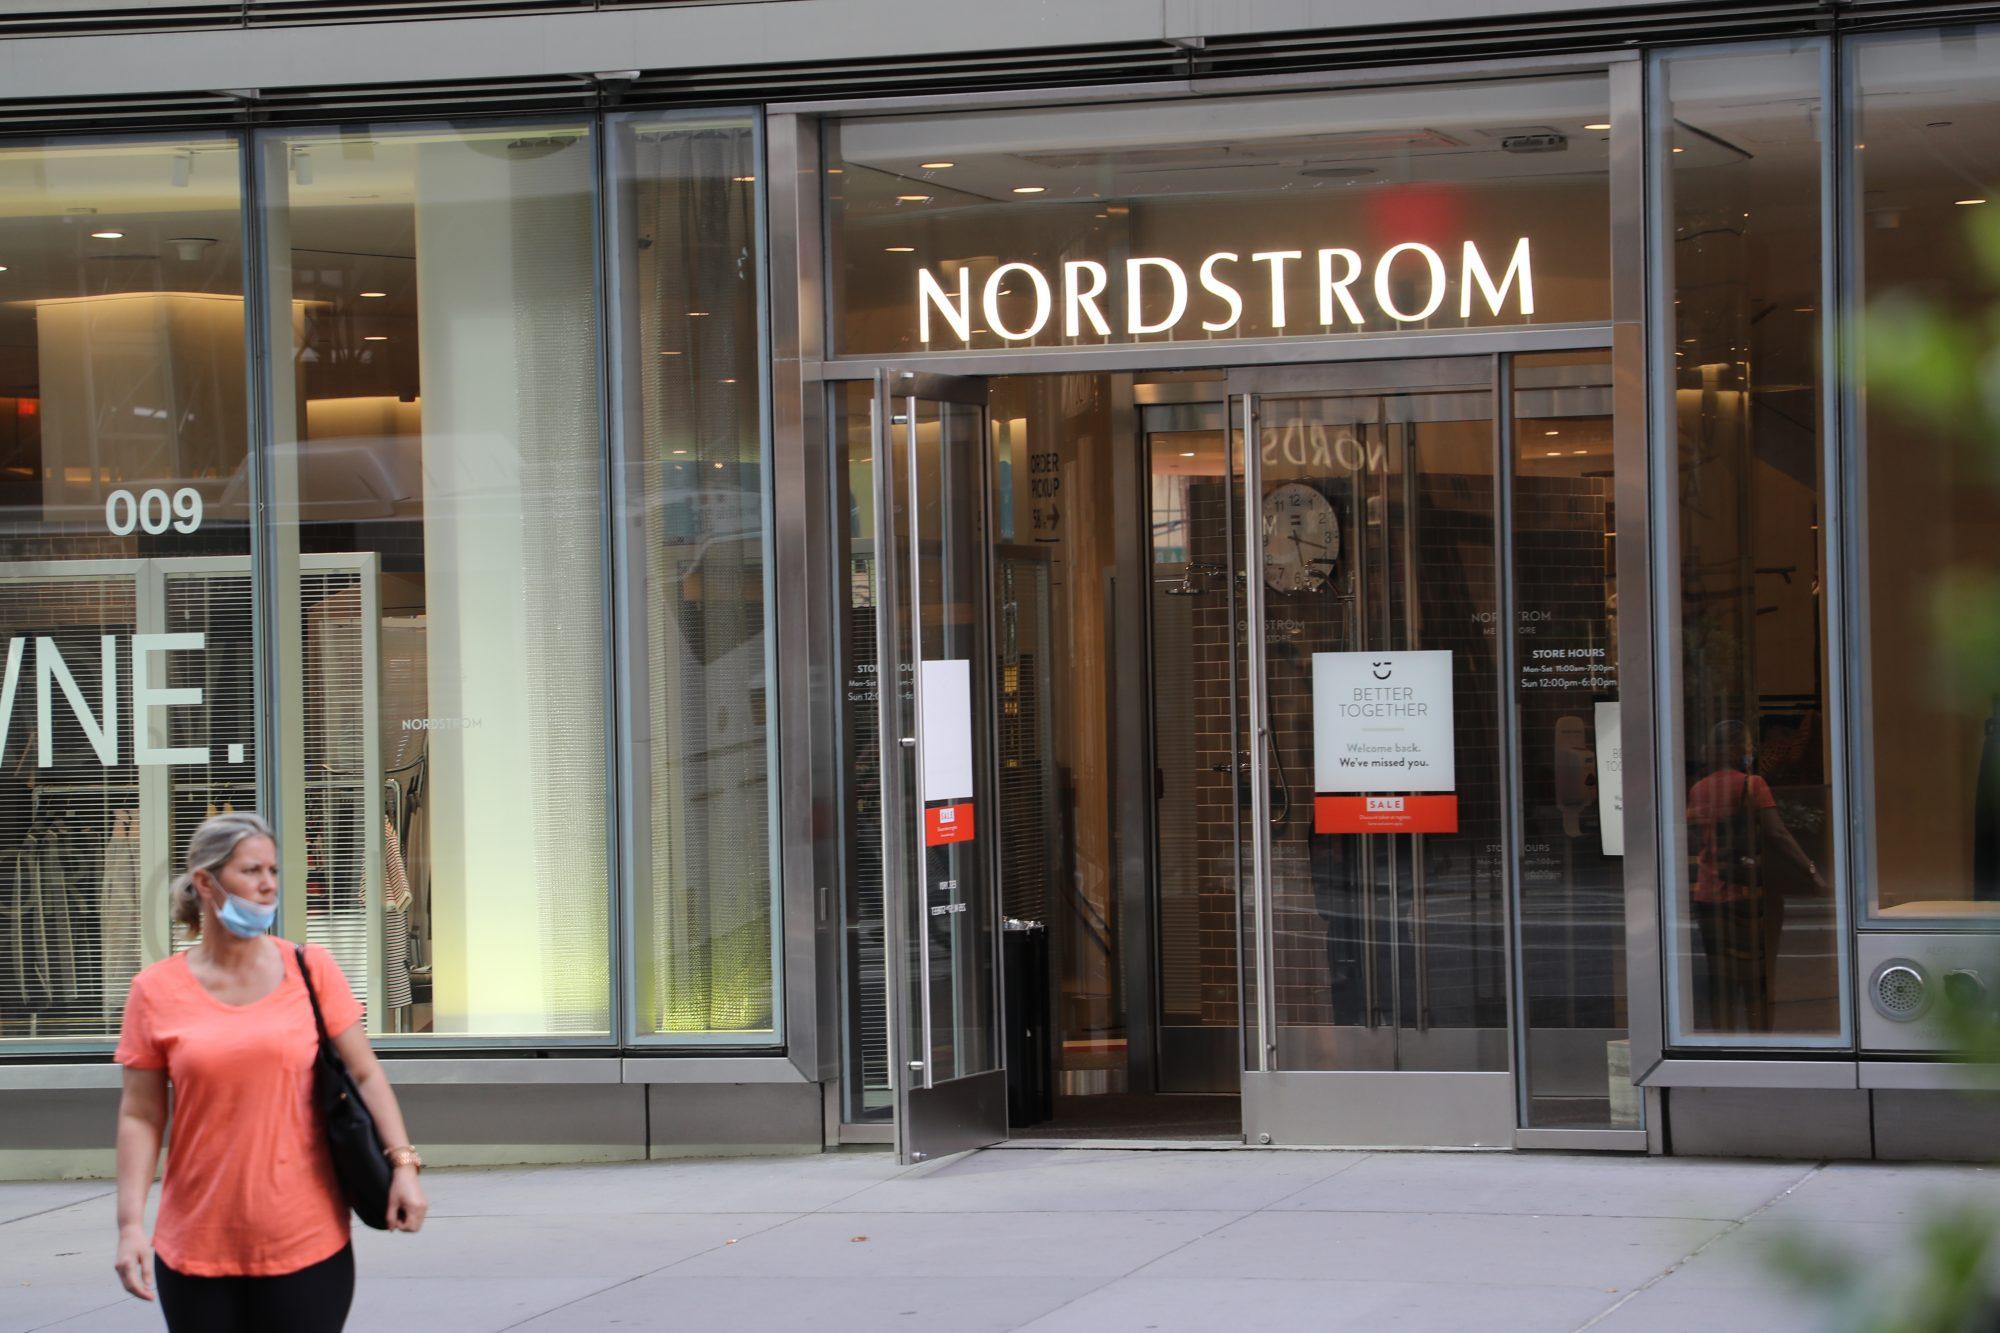 Nordstrom, noticias, fur, no pieles, animales exoticos